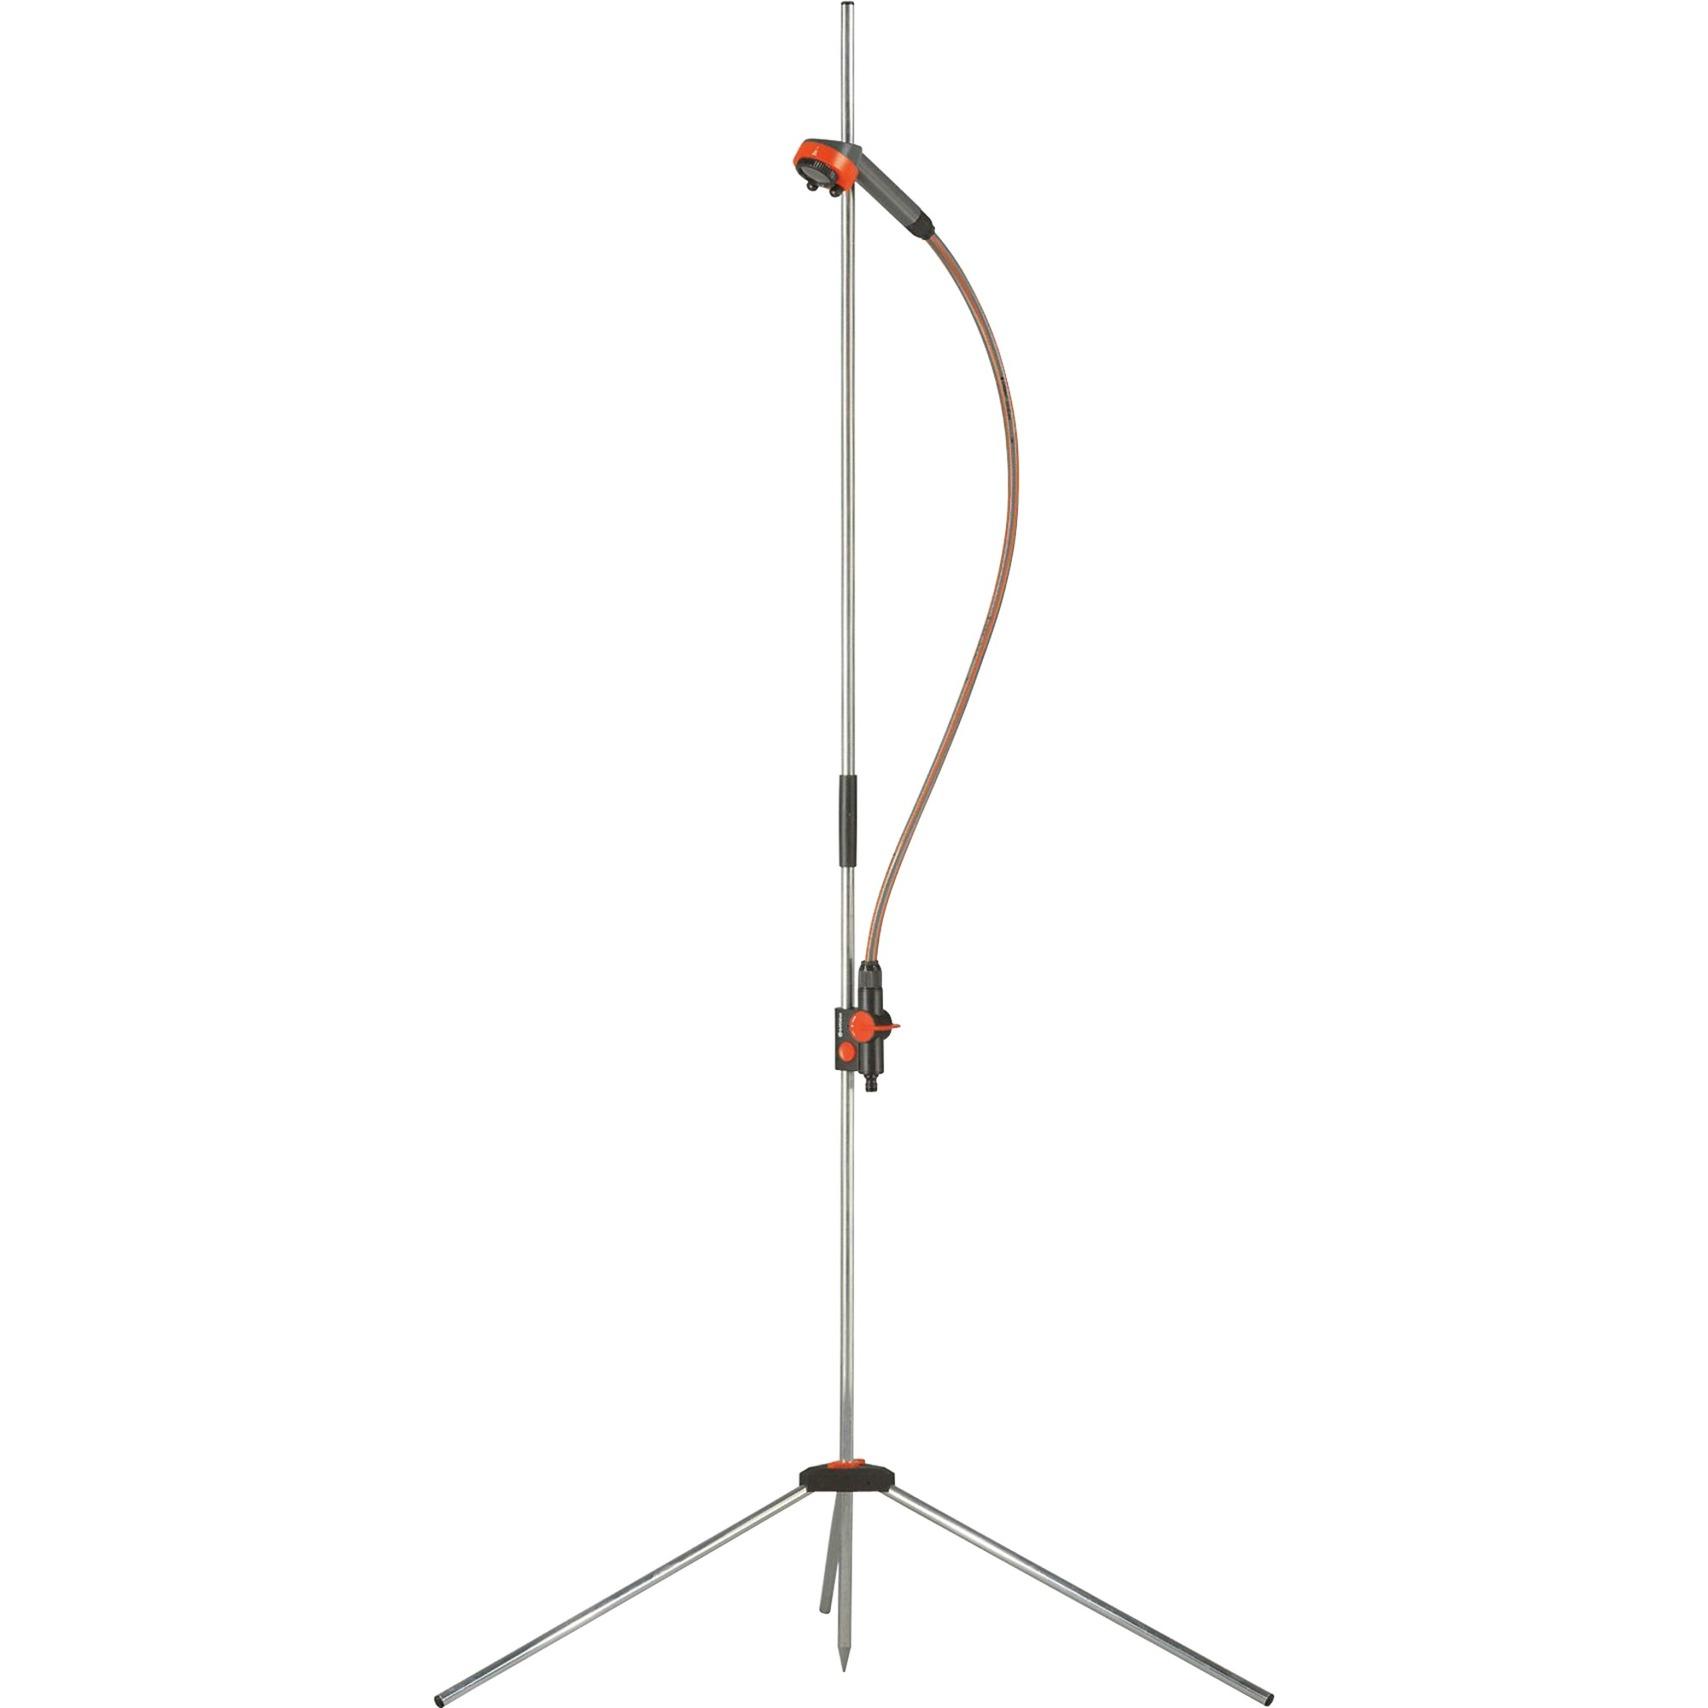 00960-20 1head(s) Negro, Naranja, Plata sistema de ducha, Ducha exterior